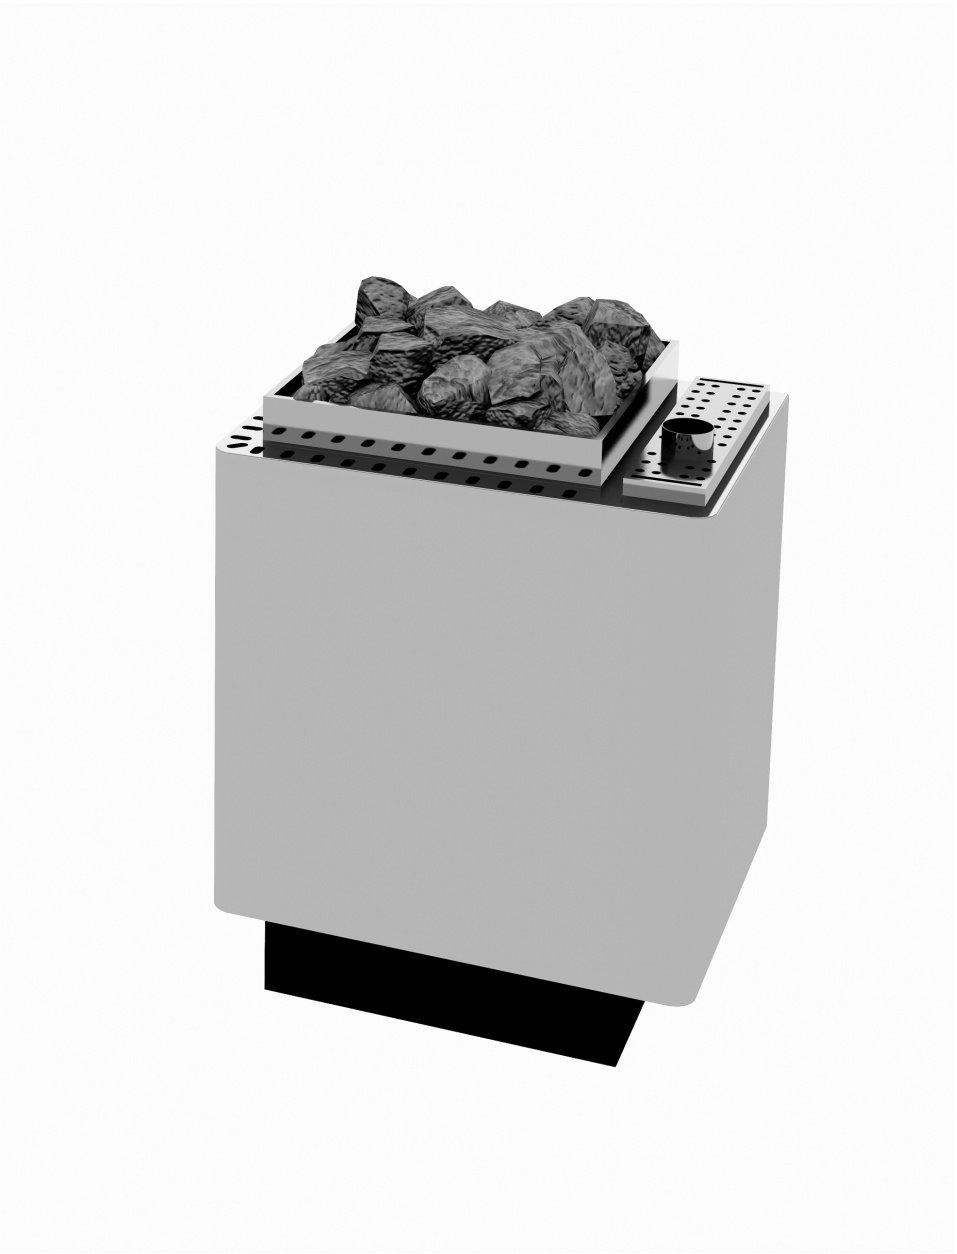 Sauna, estufa de 7,5 kW pared Modelo W de Therm tipo WK 45 (6,0 kW) con evaporador (1,5 kW revestimiento de acero inoxidable): Amazon.es: Salud y cuidado ...